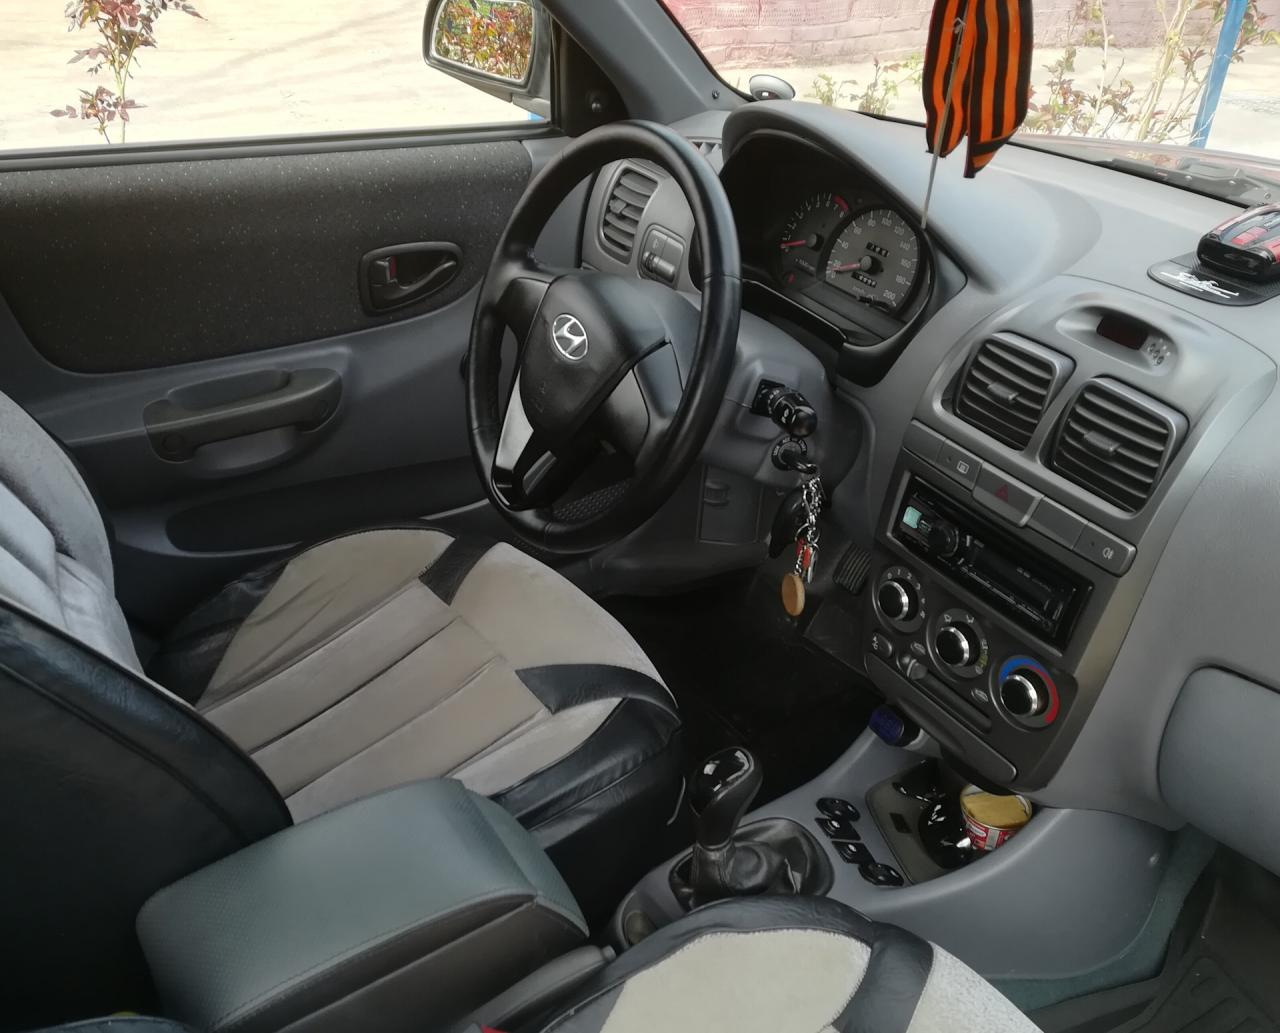 Hyundai Accent 2011 г.в. г.Краснодар - фото 2